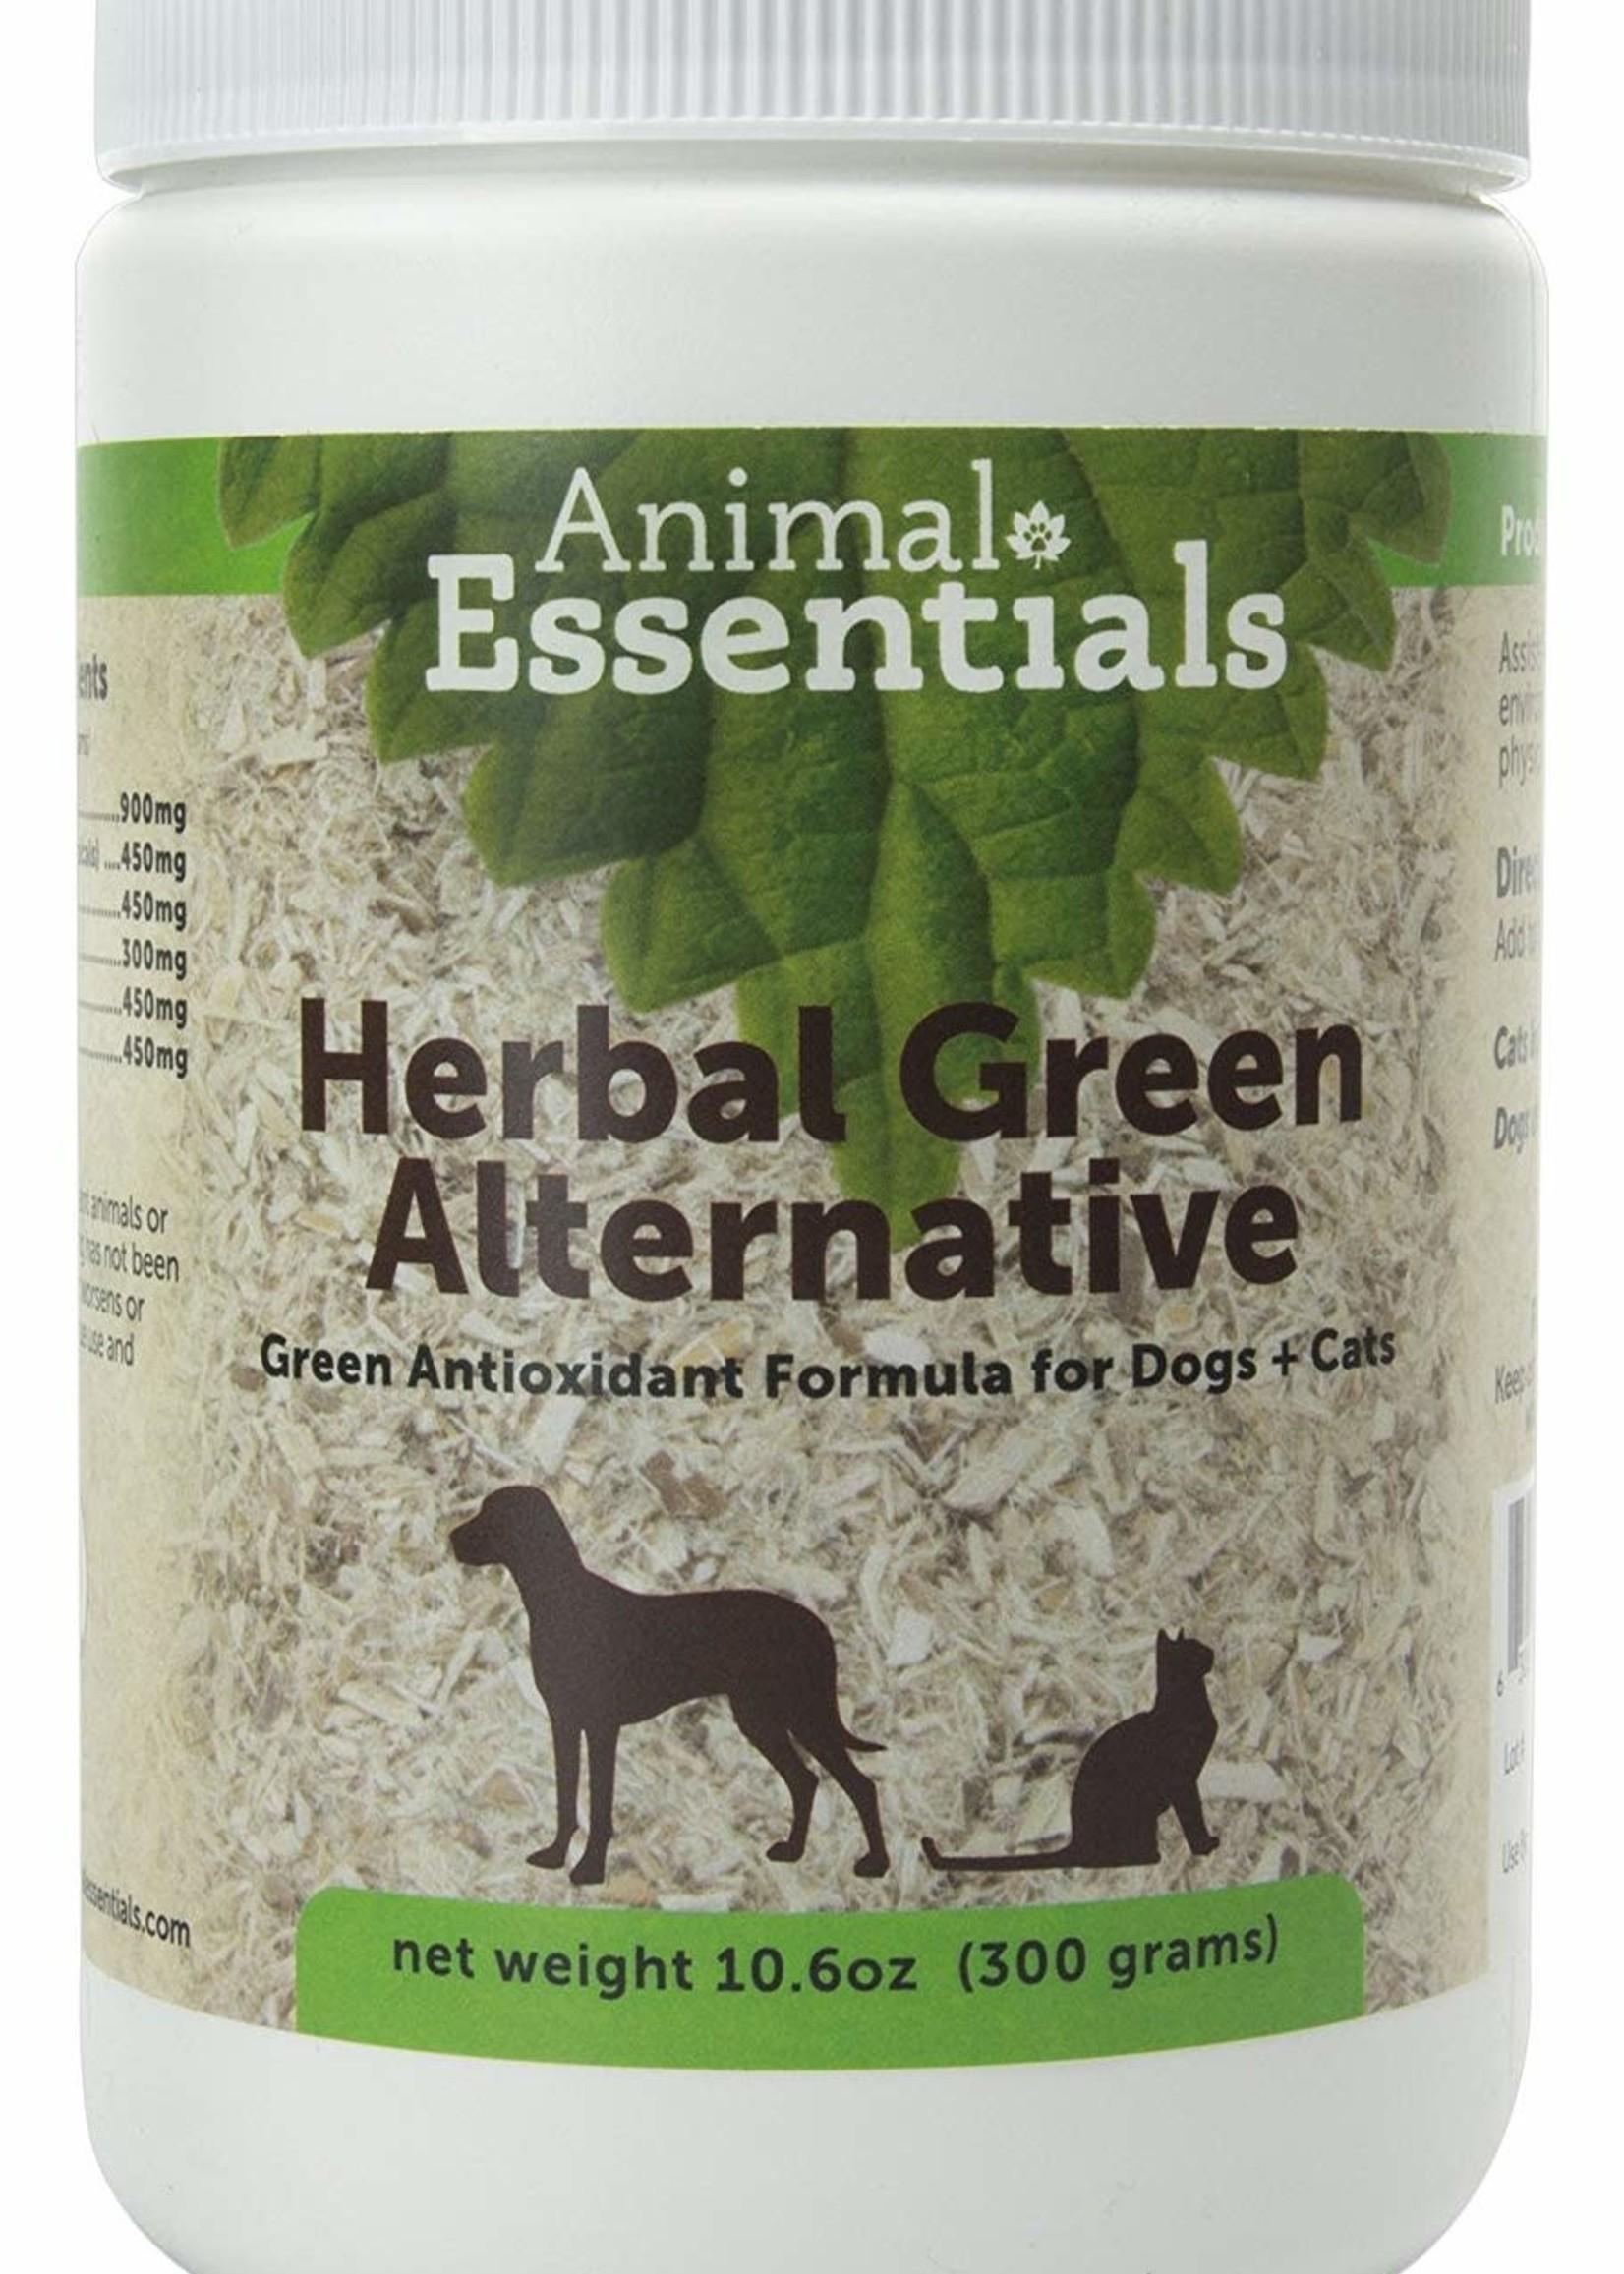 Animal Essentials Animal Essentials Herbal Green Alternative 10.58 oz